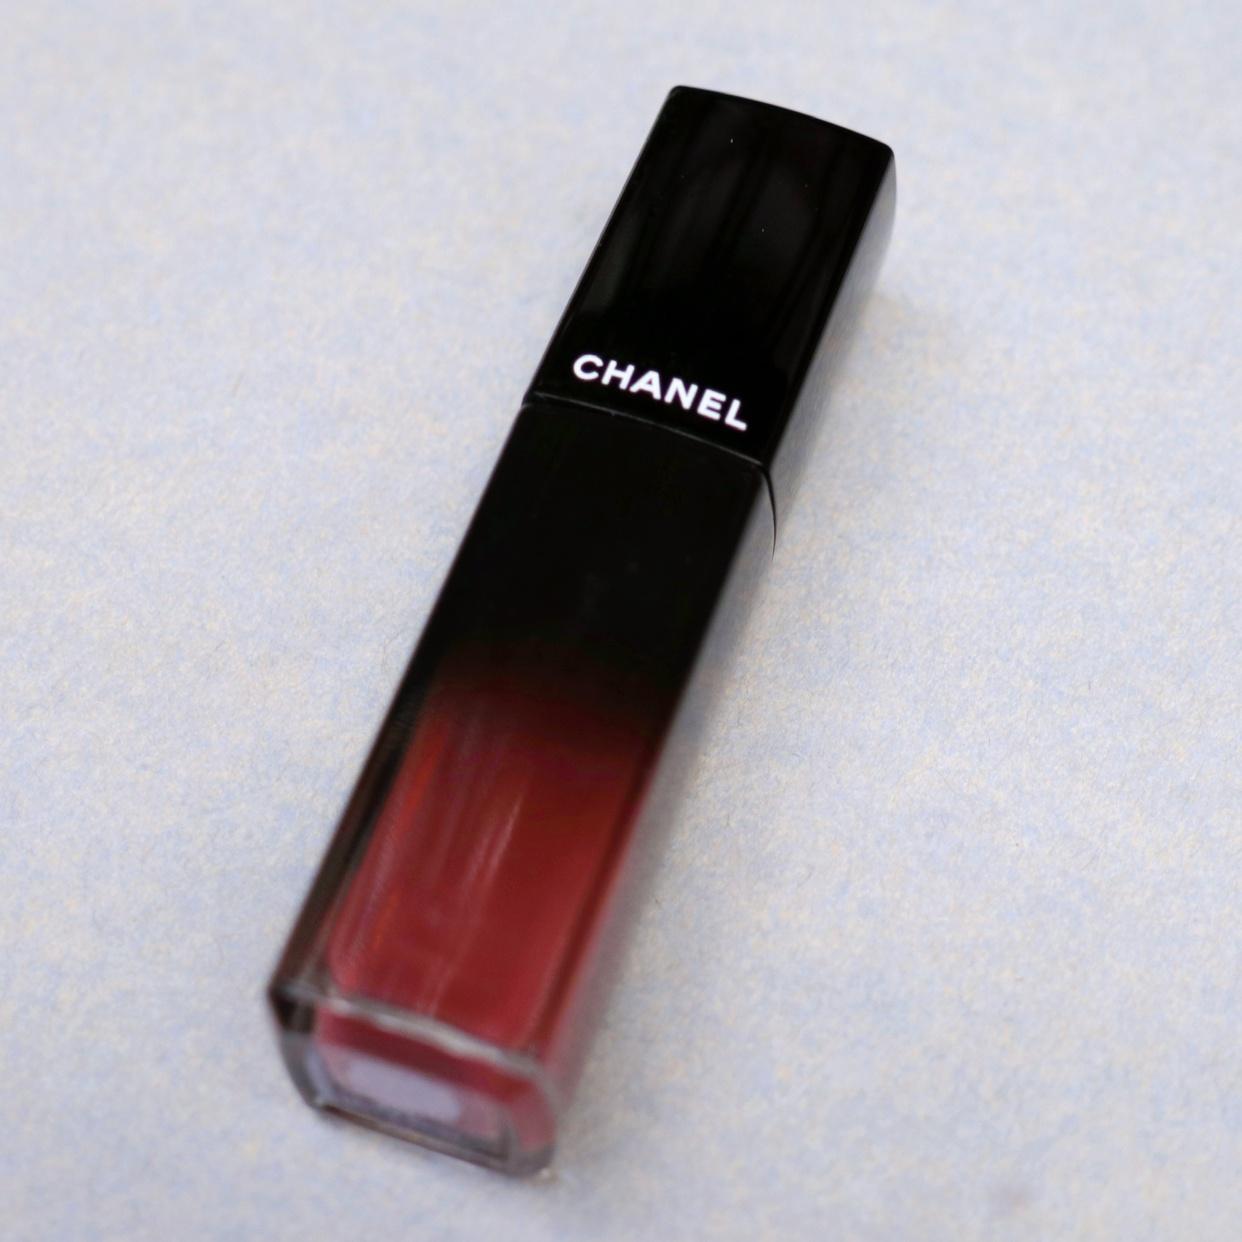 CHANEL(シャネル) ルージュ アリュール ラックを使ったあきさんのクチコミ画像